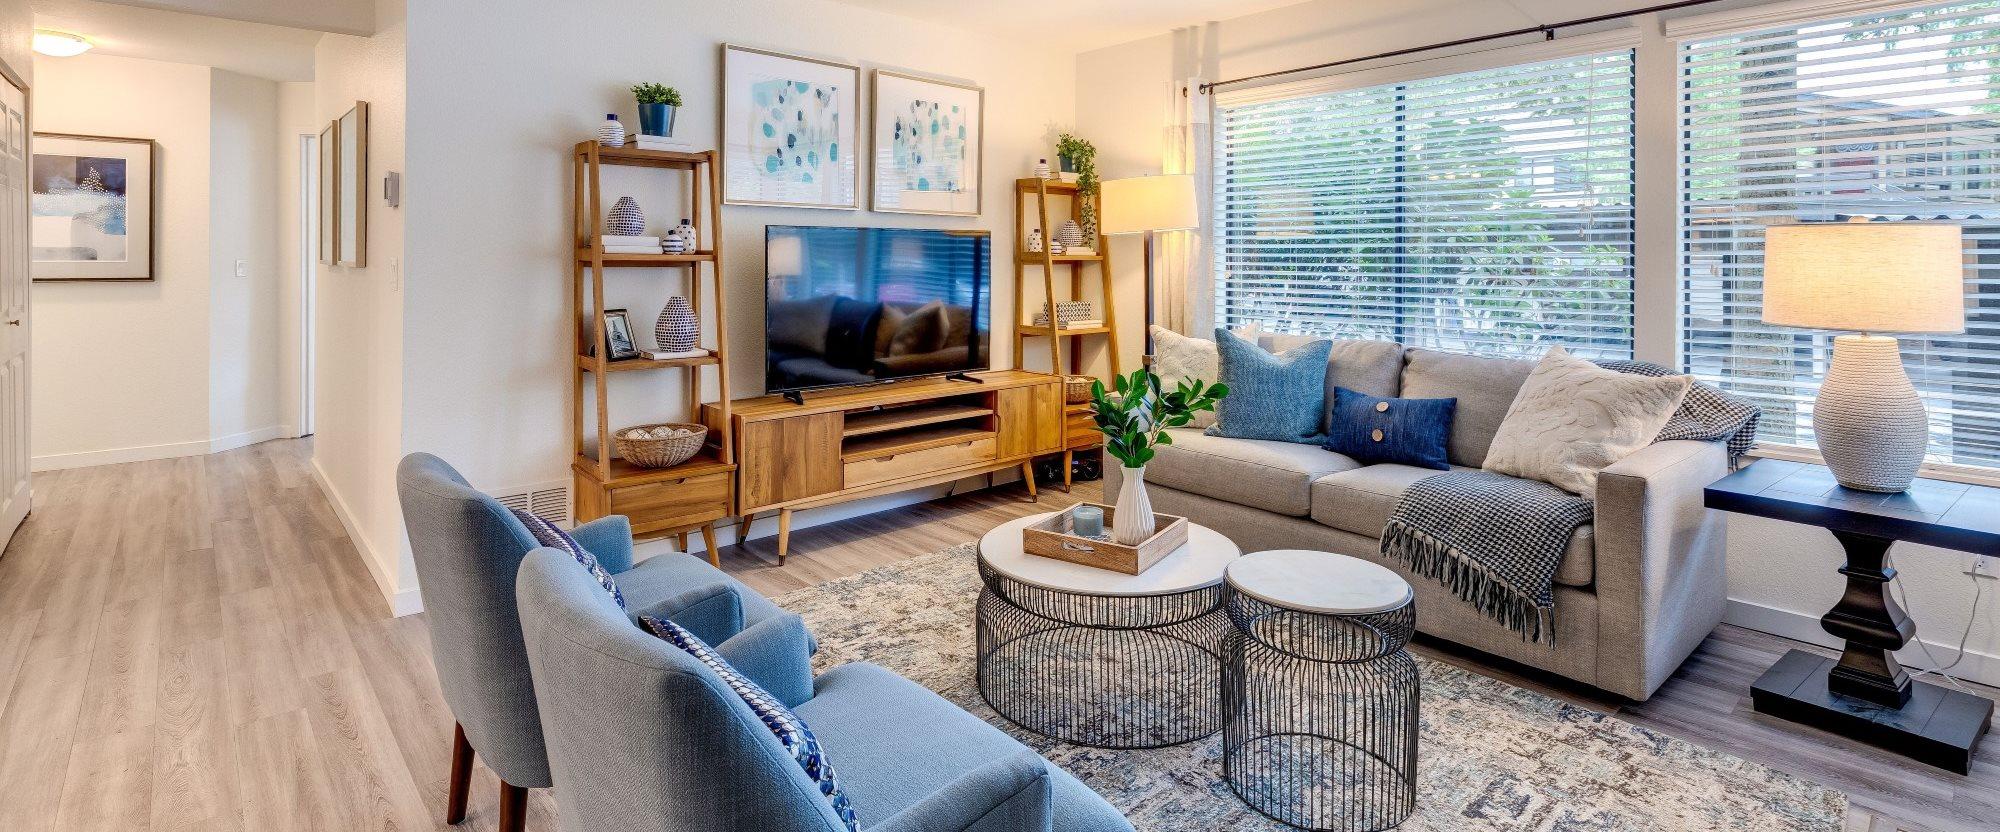 Park In Bellevue | Apartments in Bellevue, WA